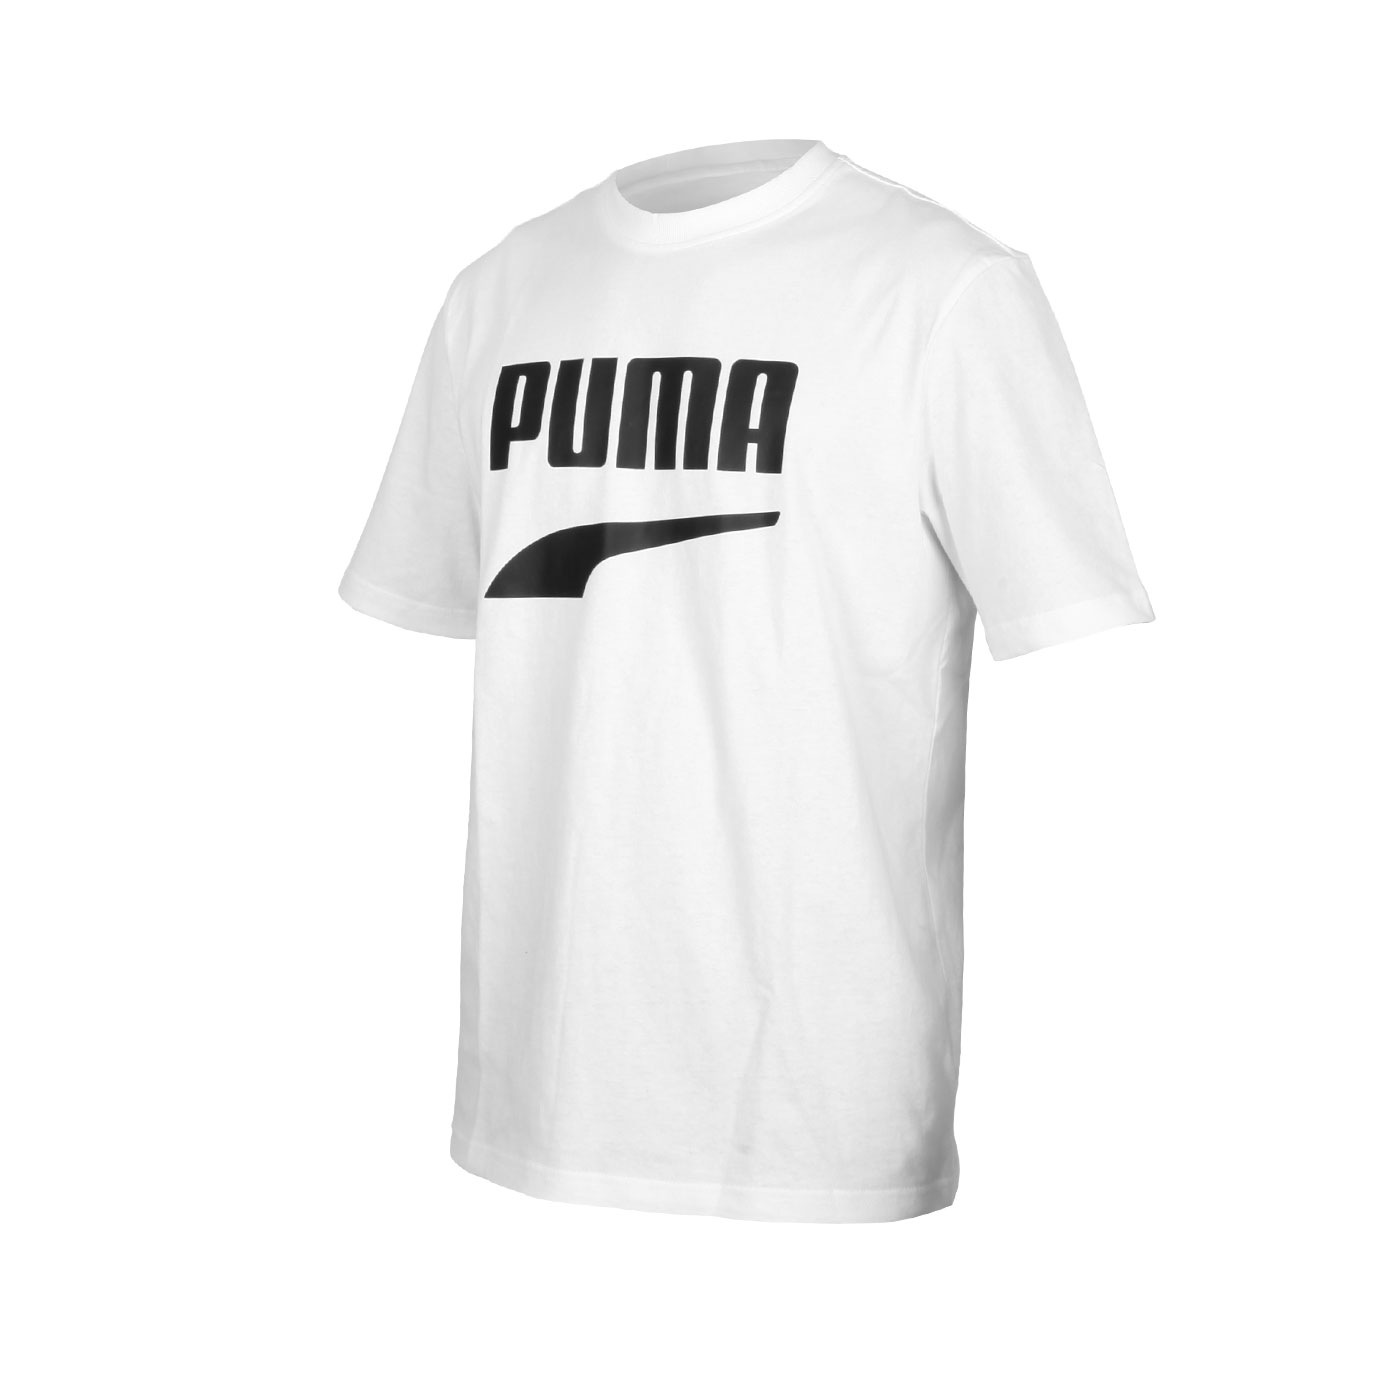 PUMA 男款流行系列短袖T恤 59762601 - 白黑